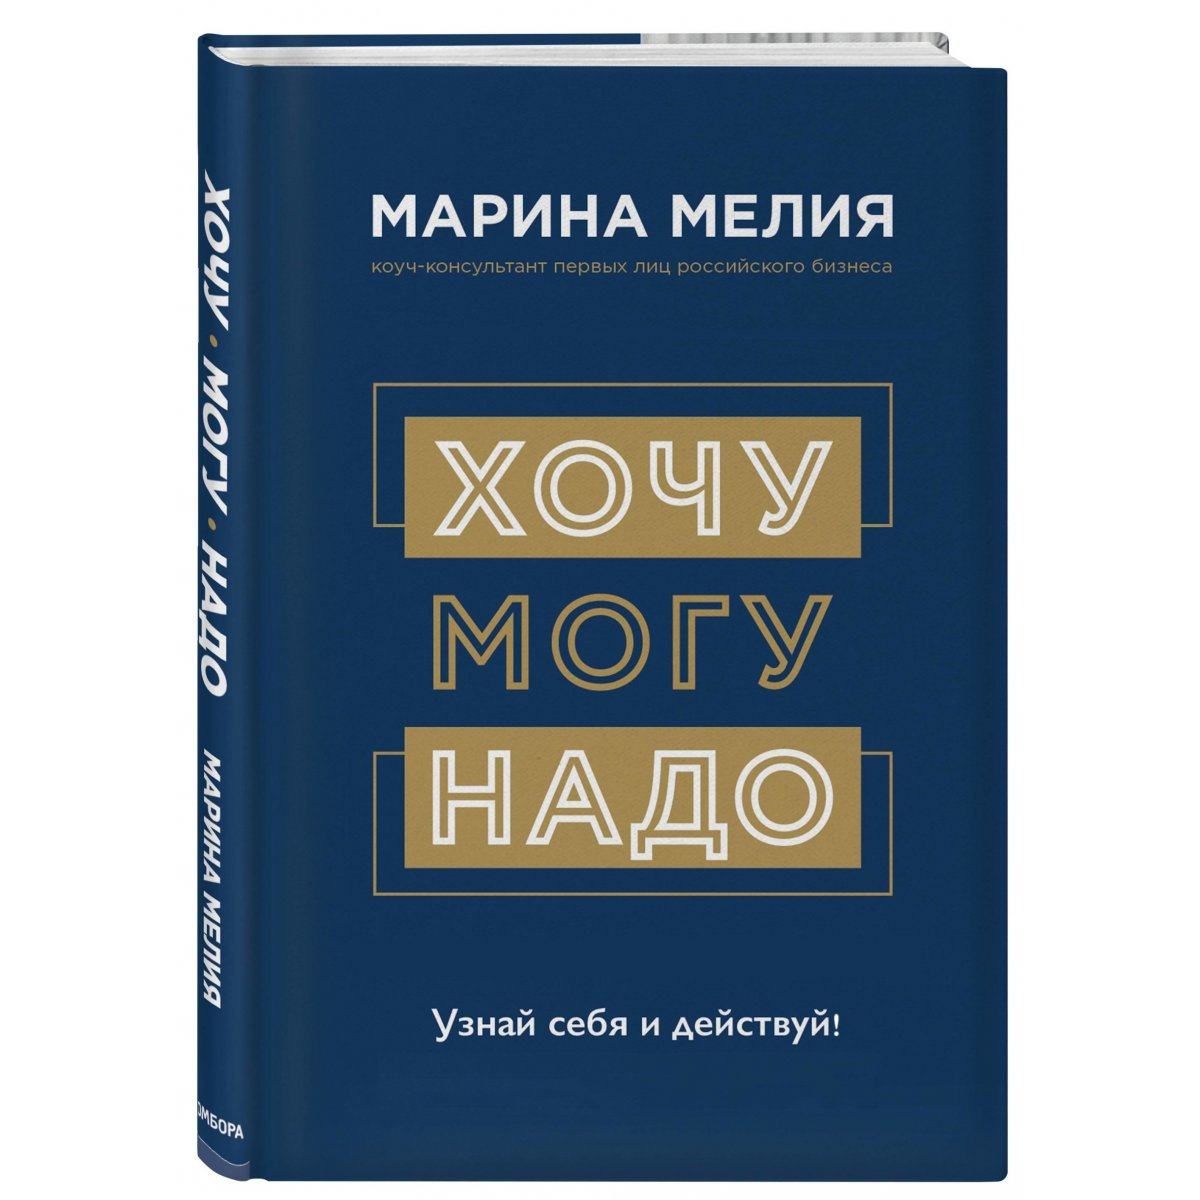 Хочу. Mогу. Надо. Узнай себя и действуй!. Мелия Марина — купить книгу в Минске — Biblio.by